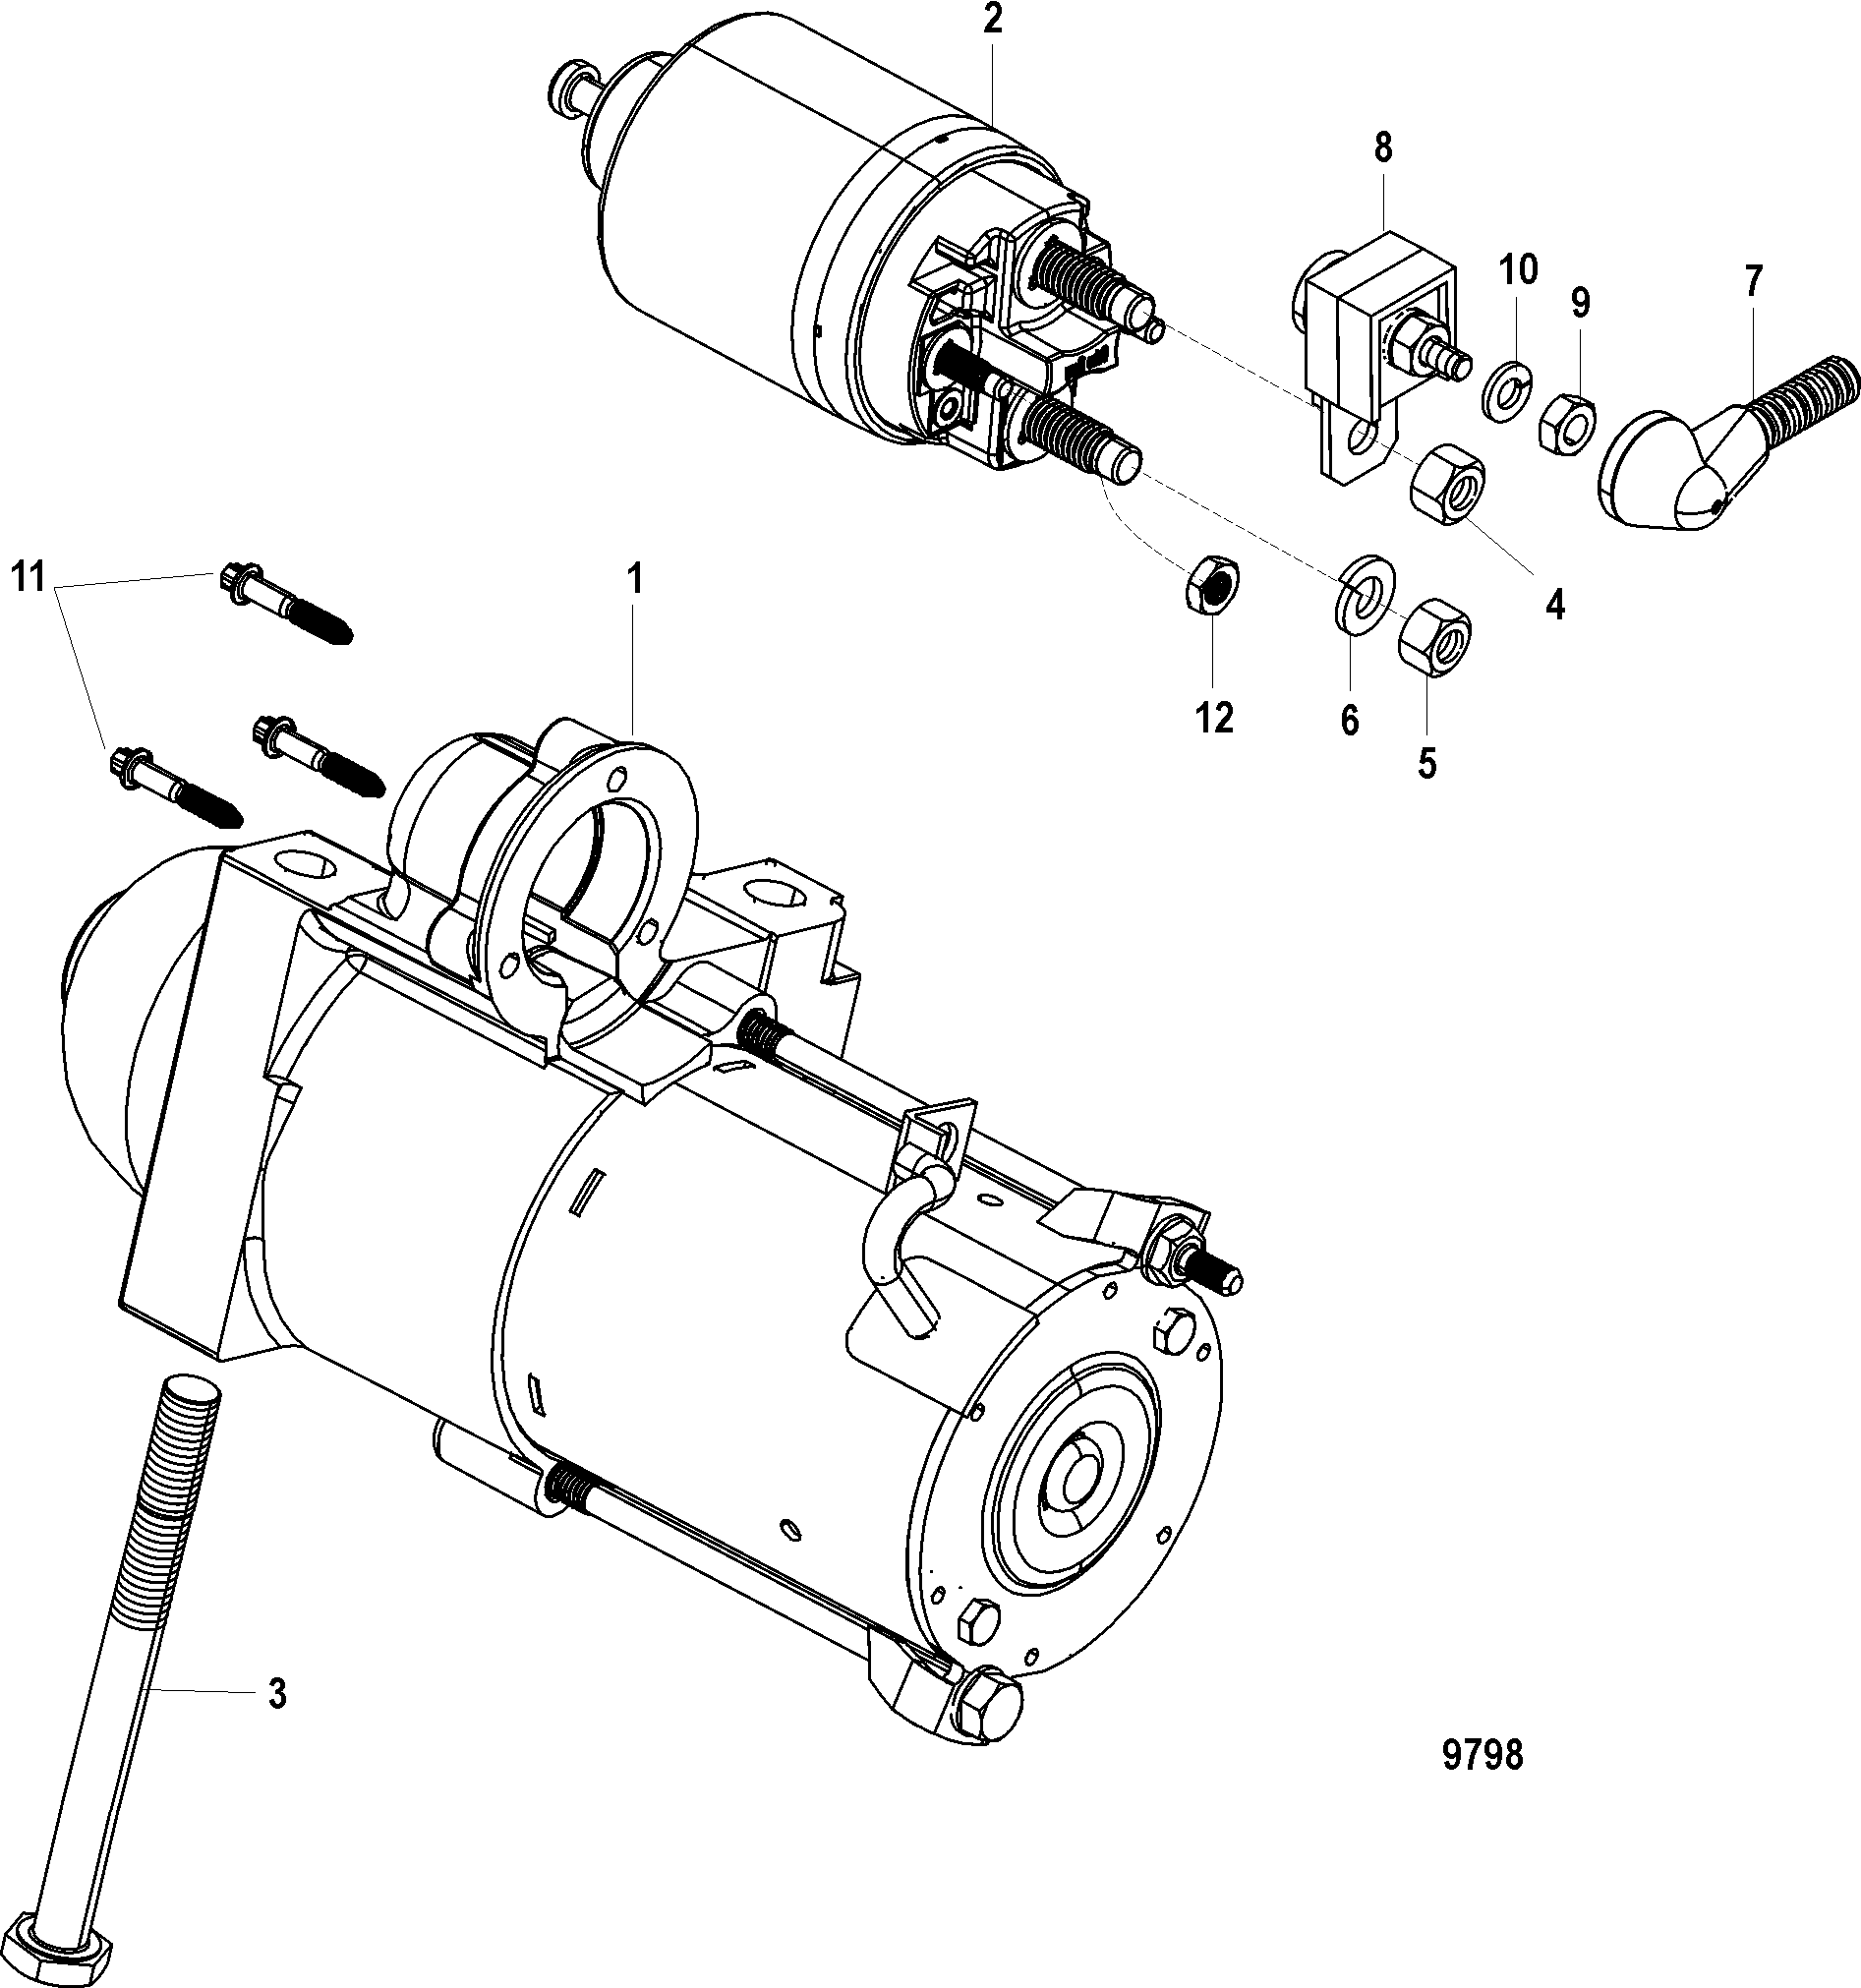 9798 starter motor for mercruiser 5 0l 5 7l sterndrive 5.0 Mercruiser Parts Diagram at nearapp.co